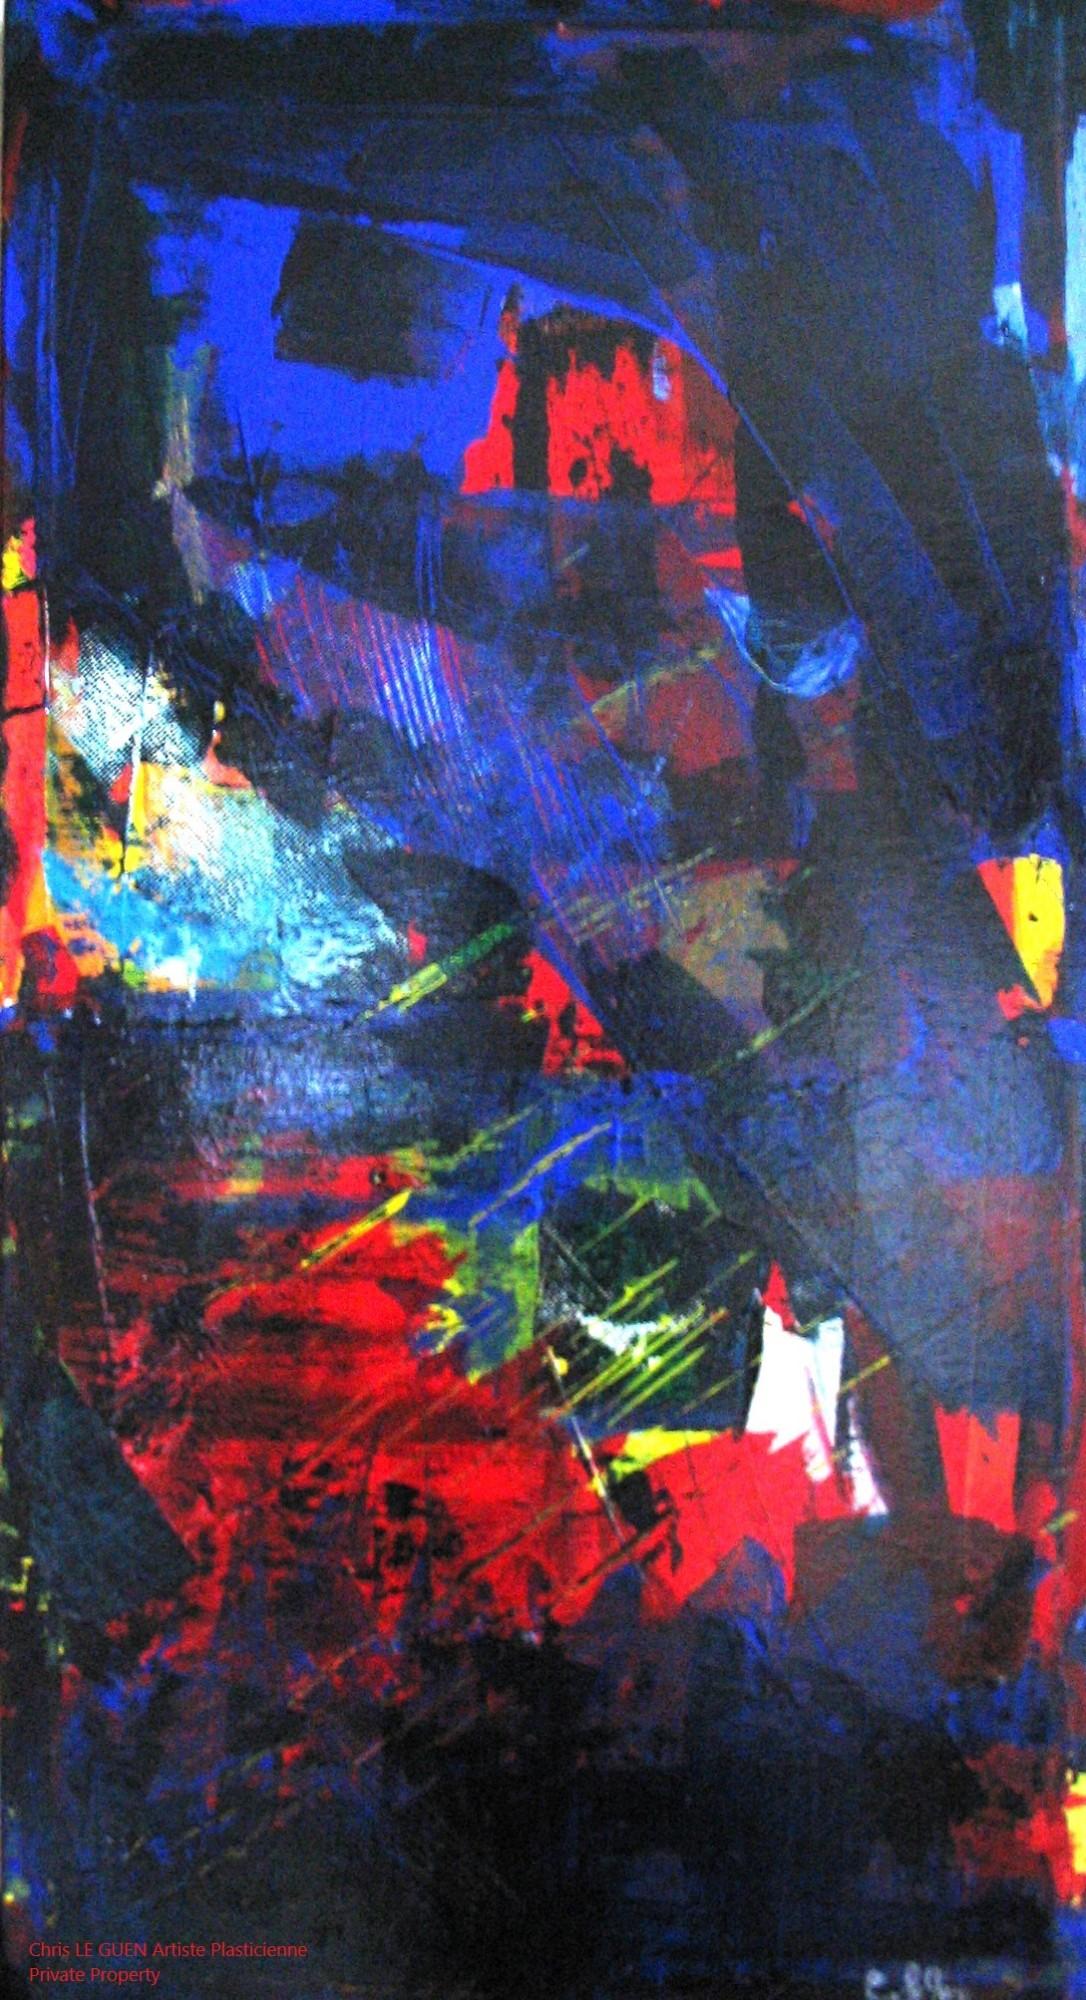 Chris Le Guen Artiste Plasticienne Peintre et Sculptrice a peint N°21